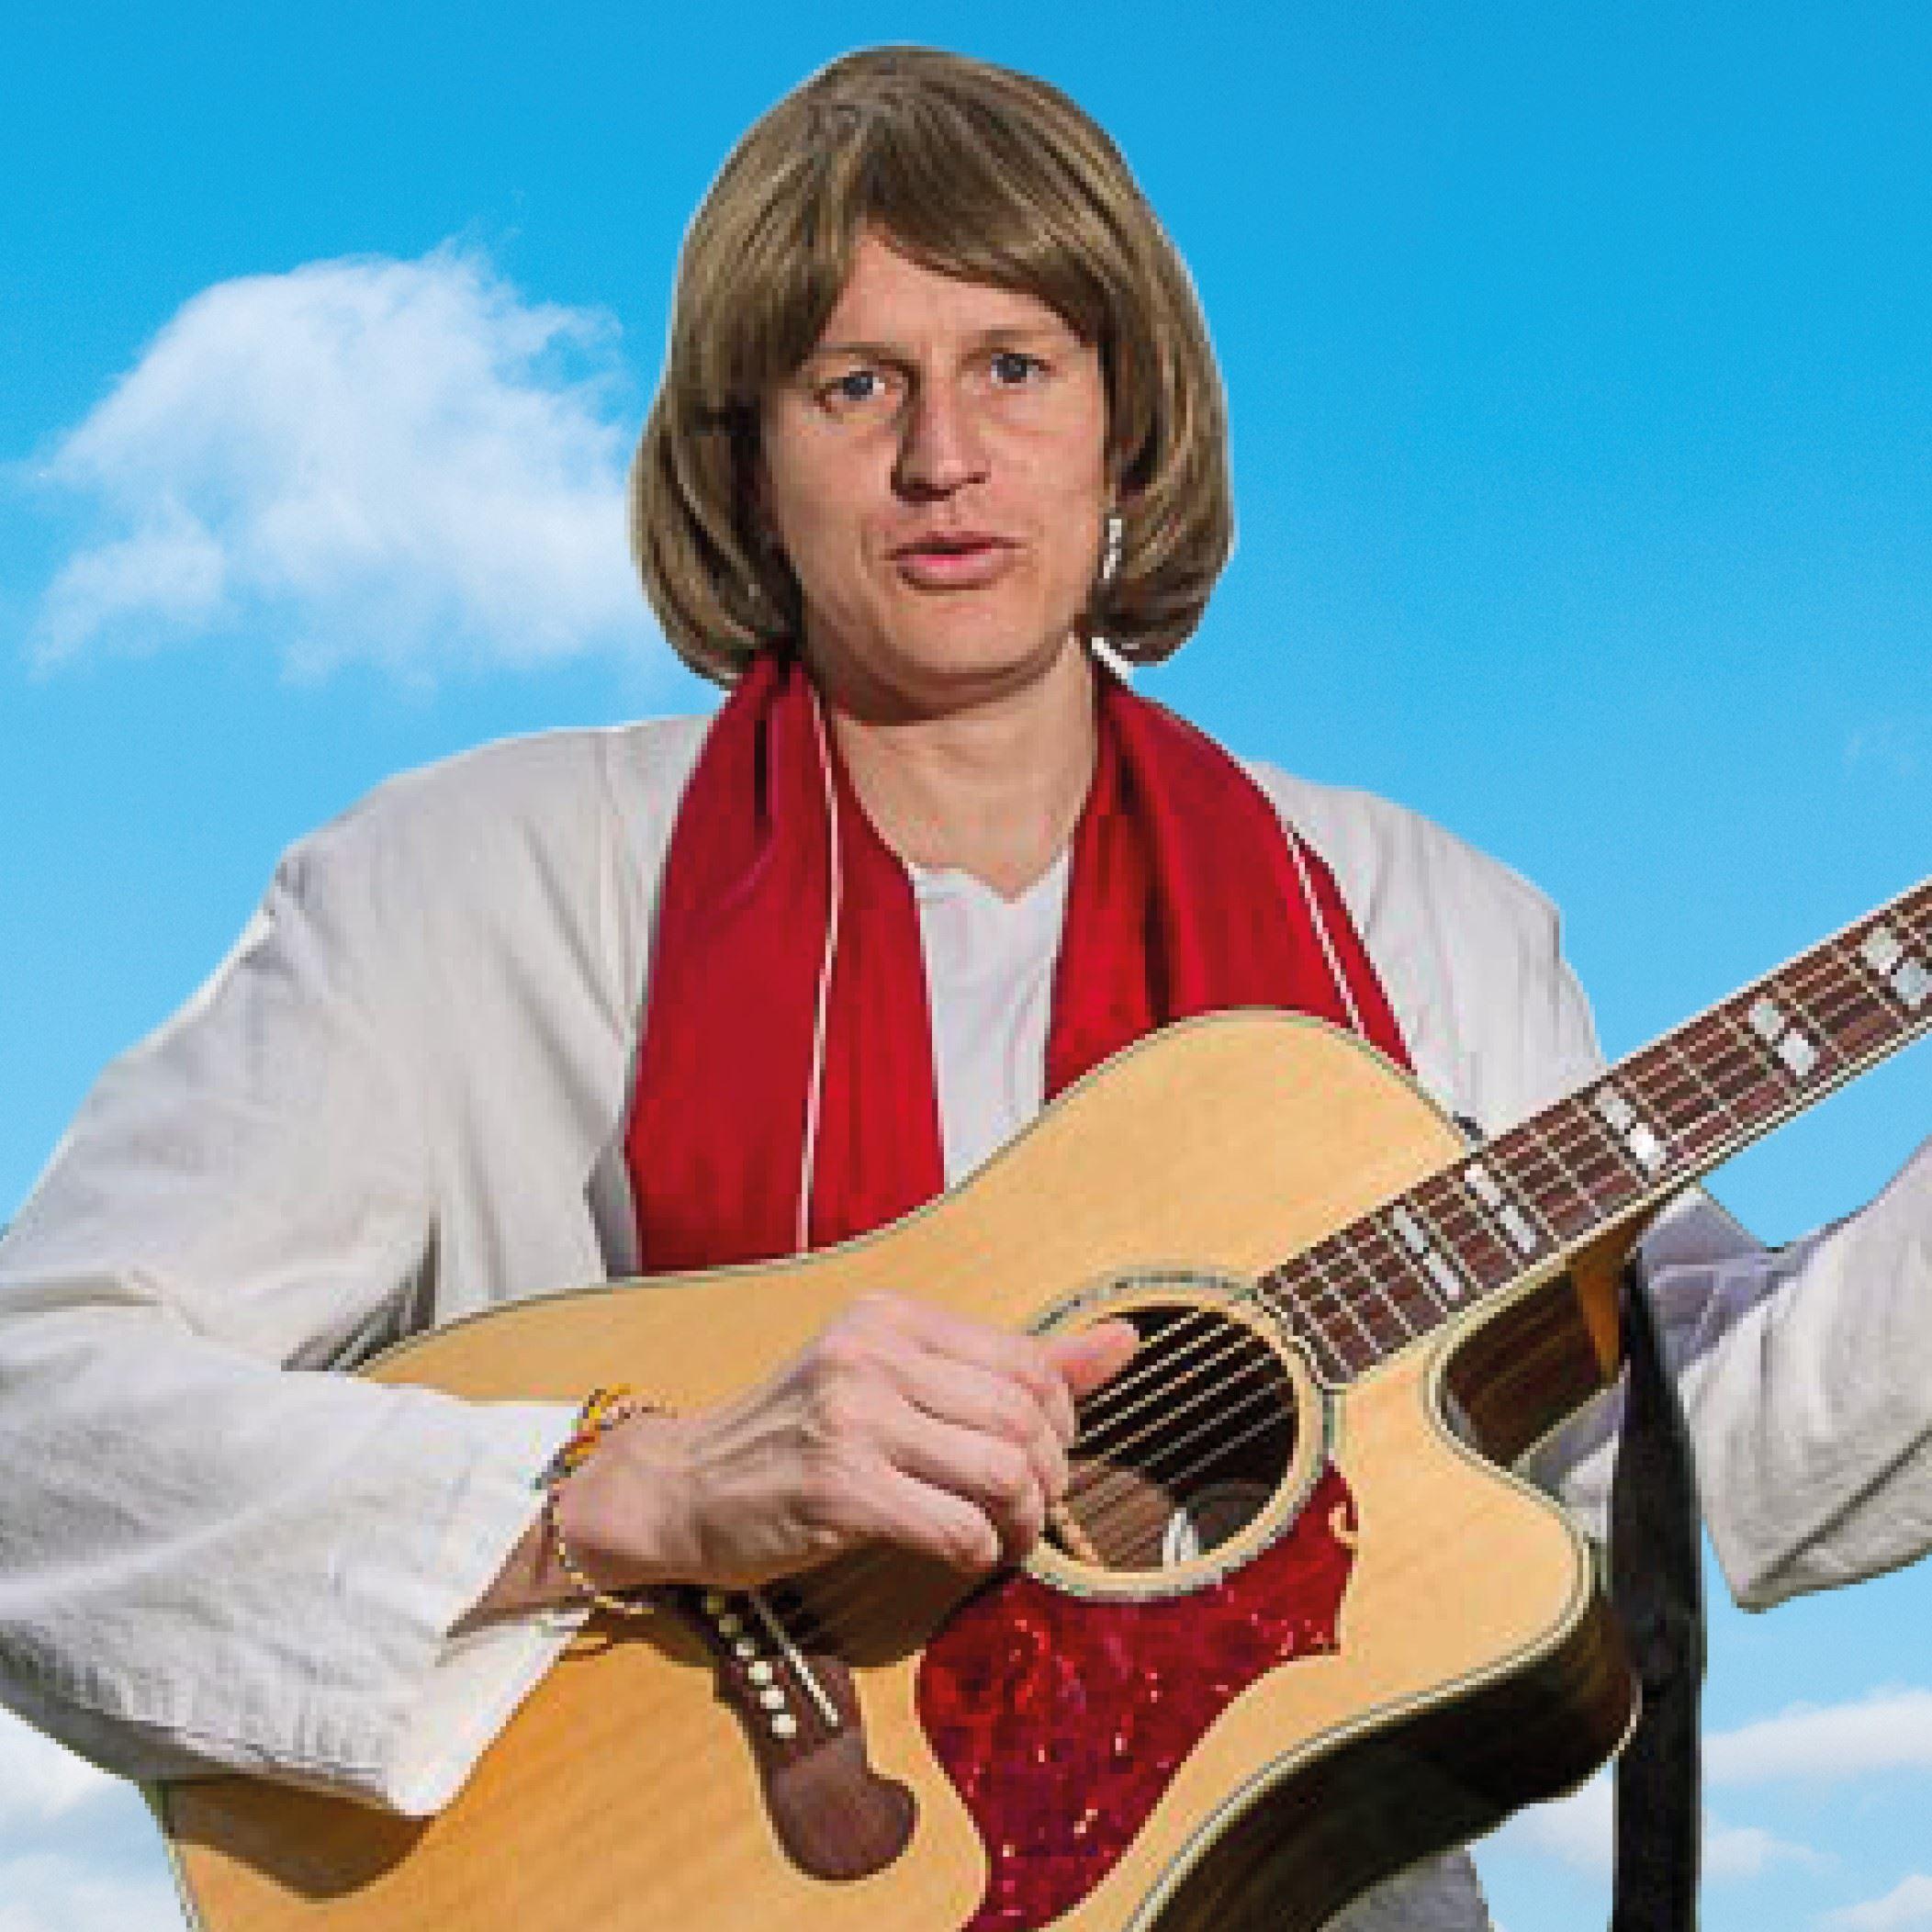 Himlen är oskyldigt blå - Hyllningsshow till Ted Gärdestad